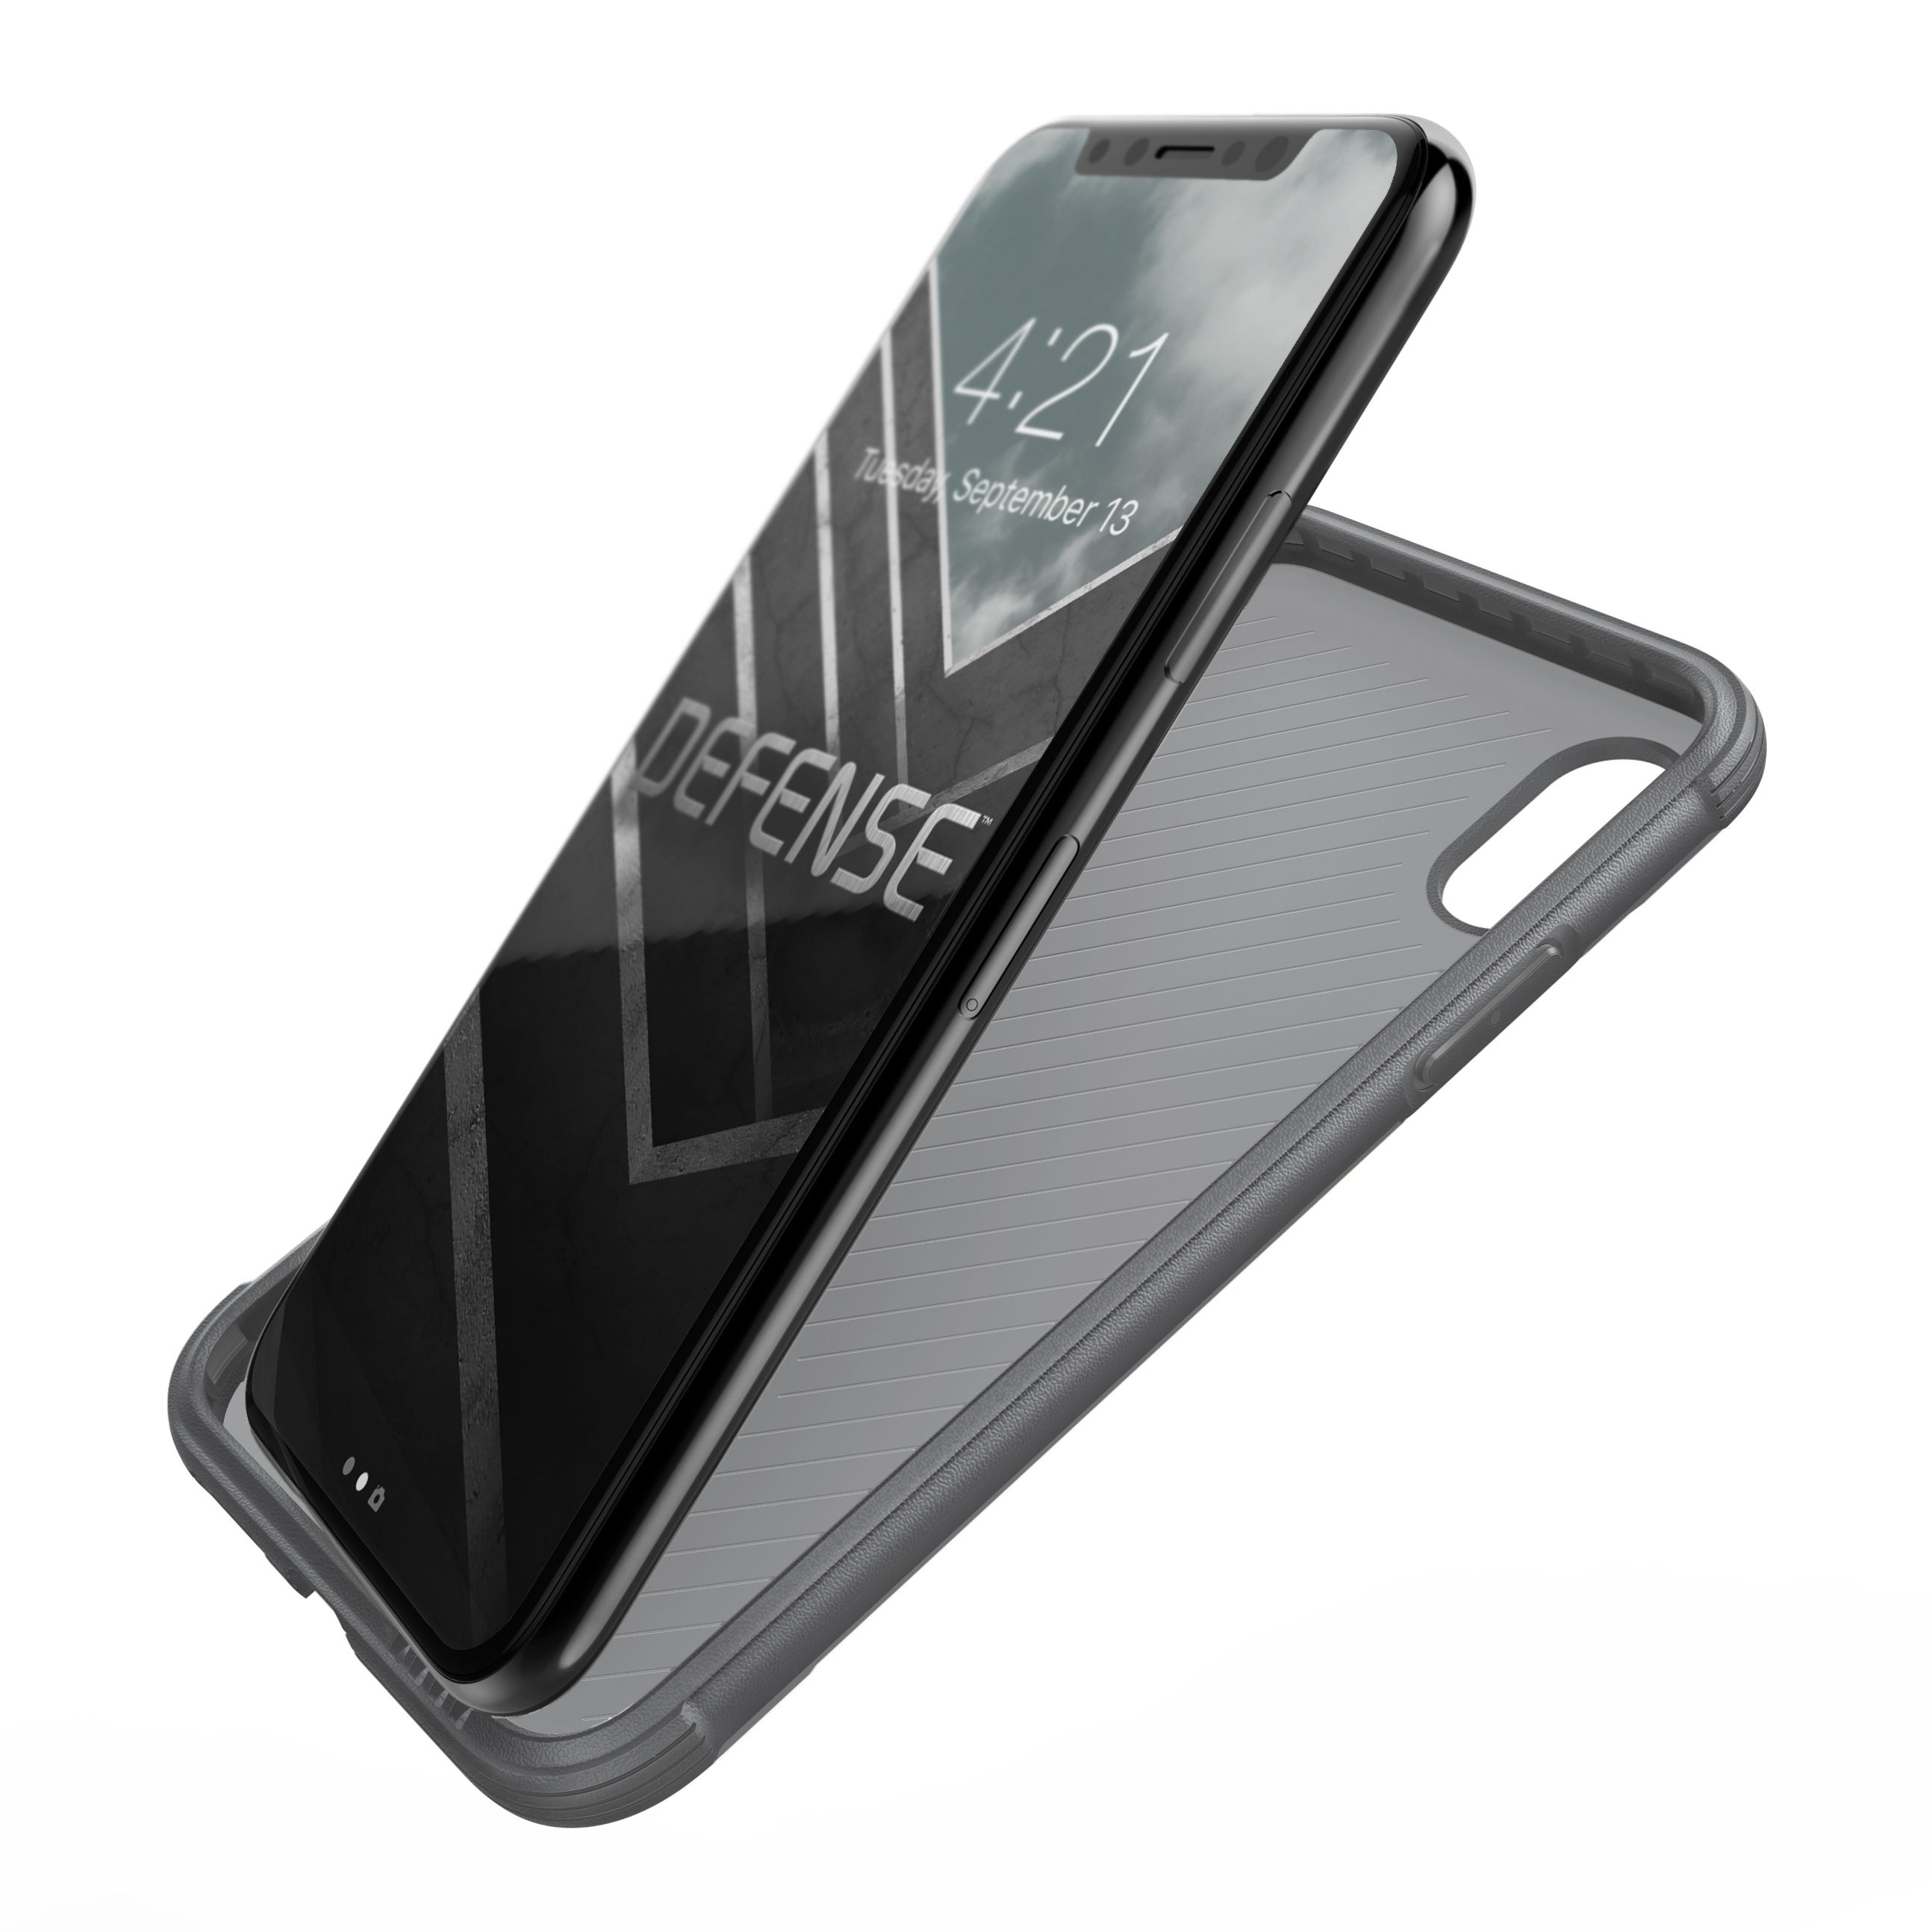 X-Doria iPhone X (2017) ケース DEFENSE LUX シリーズ 米軍MIL規格取得 MIL-STD-810G 衝撃吸収 スリム ハイブリッド アルミニウム × TPU × ポリカーボネイト ケース 【 ウッド 】